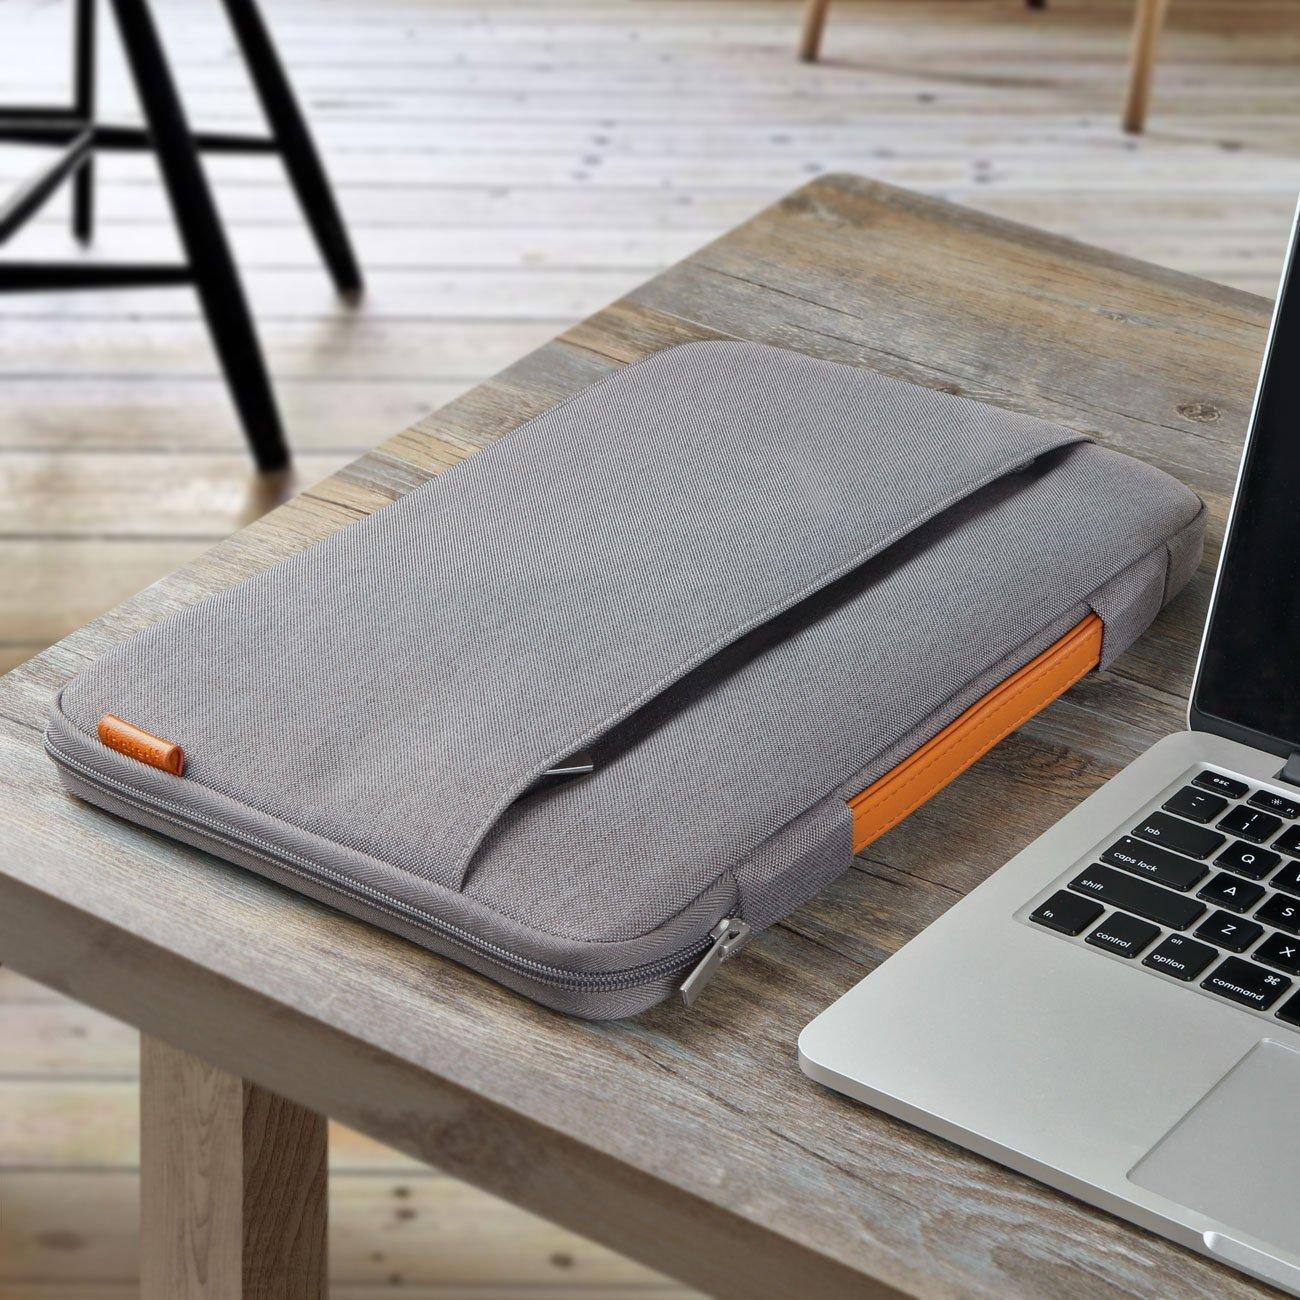 Protezione per il vostro MacBook? Ecco le custodie di Inateck, di stile e qualità.